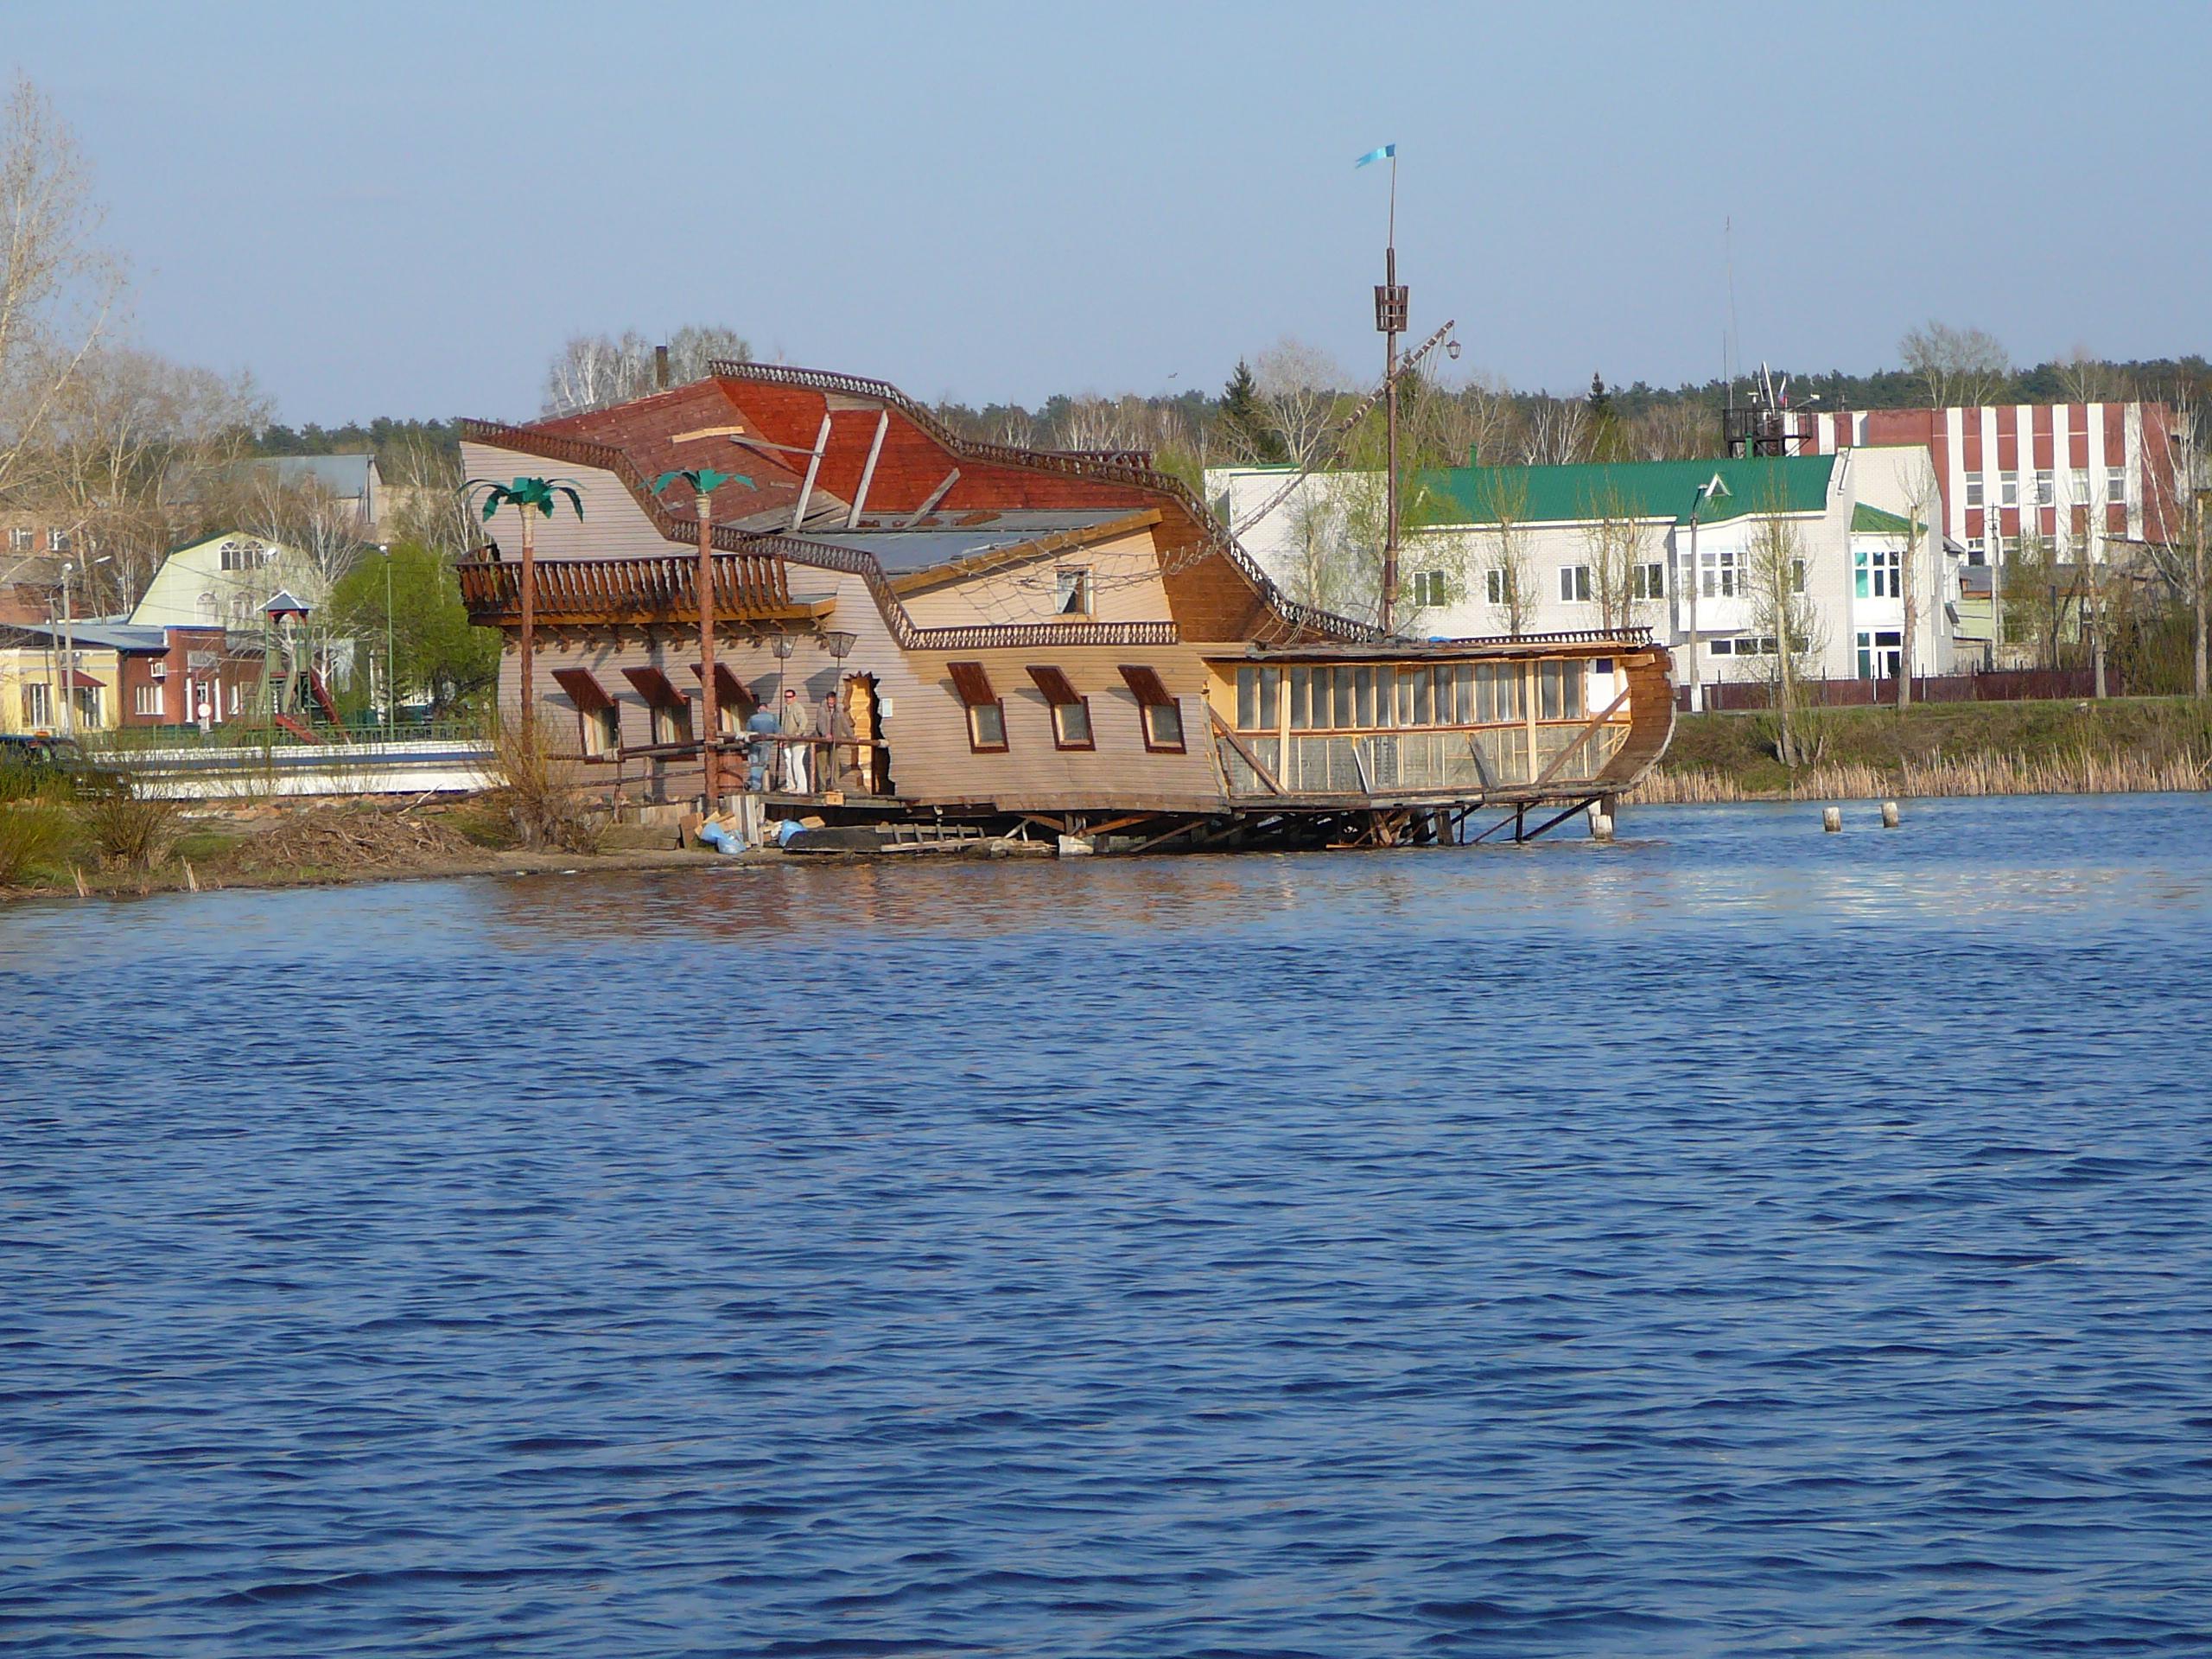 pavlovsk-altayskiy-kray-prostitutki